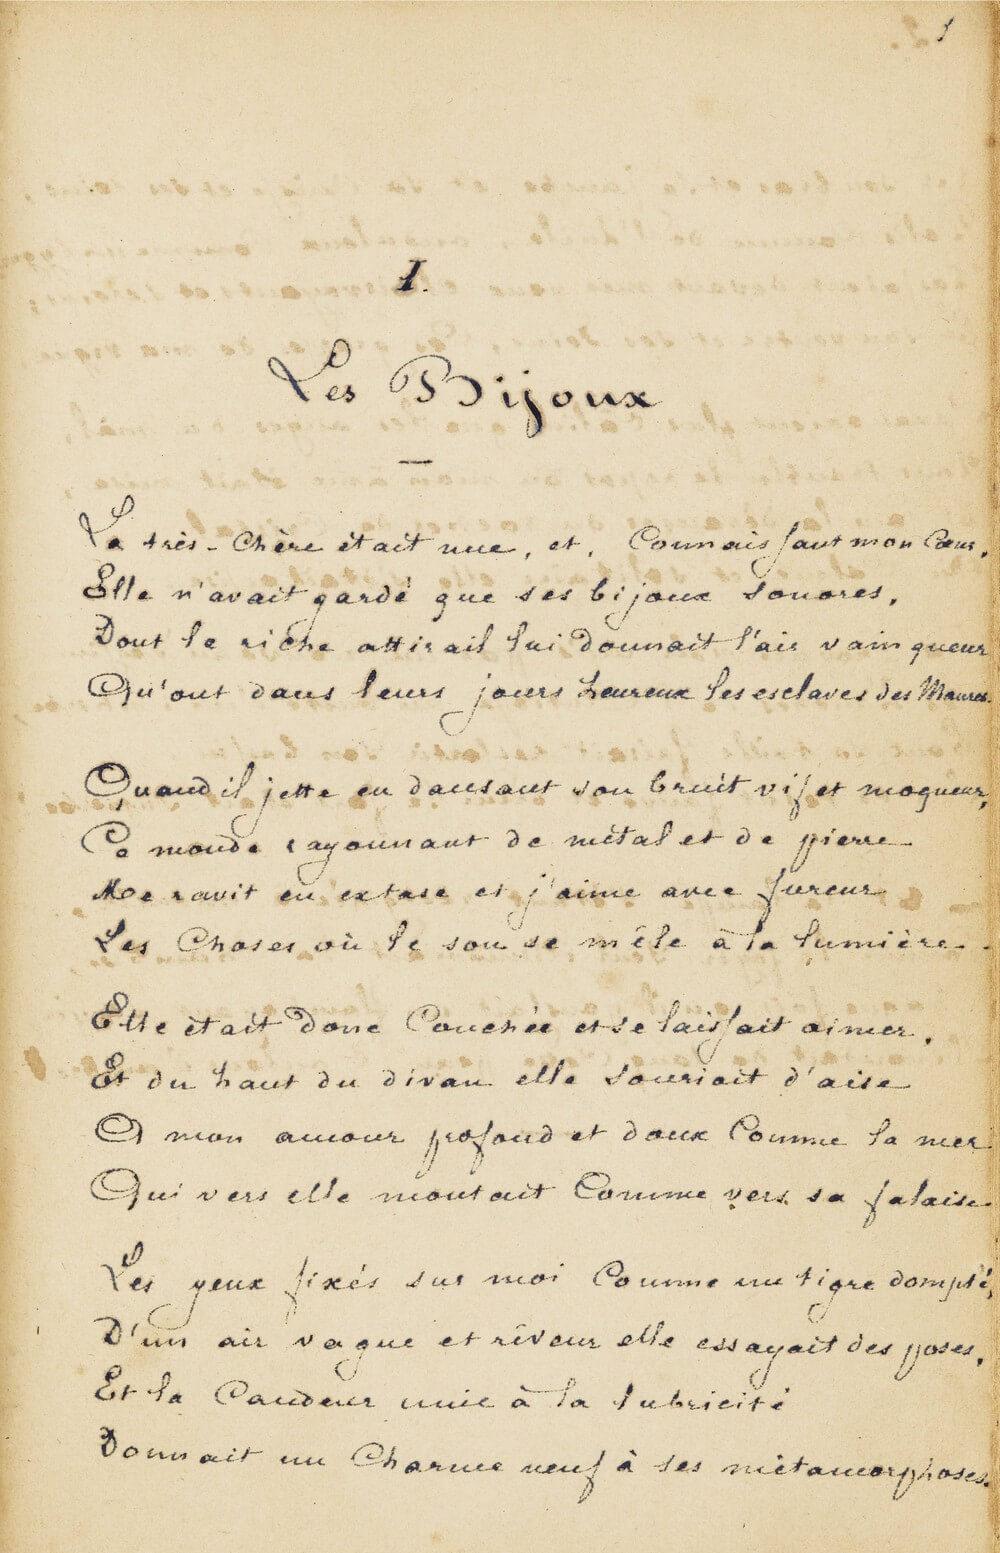 Baudelaire aan Malassis. Parijs, 11 juli 1857. Vertaling correspondentie Baudelaire, vertalingen Vivienne Stringa